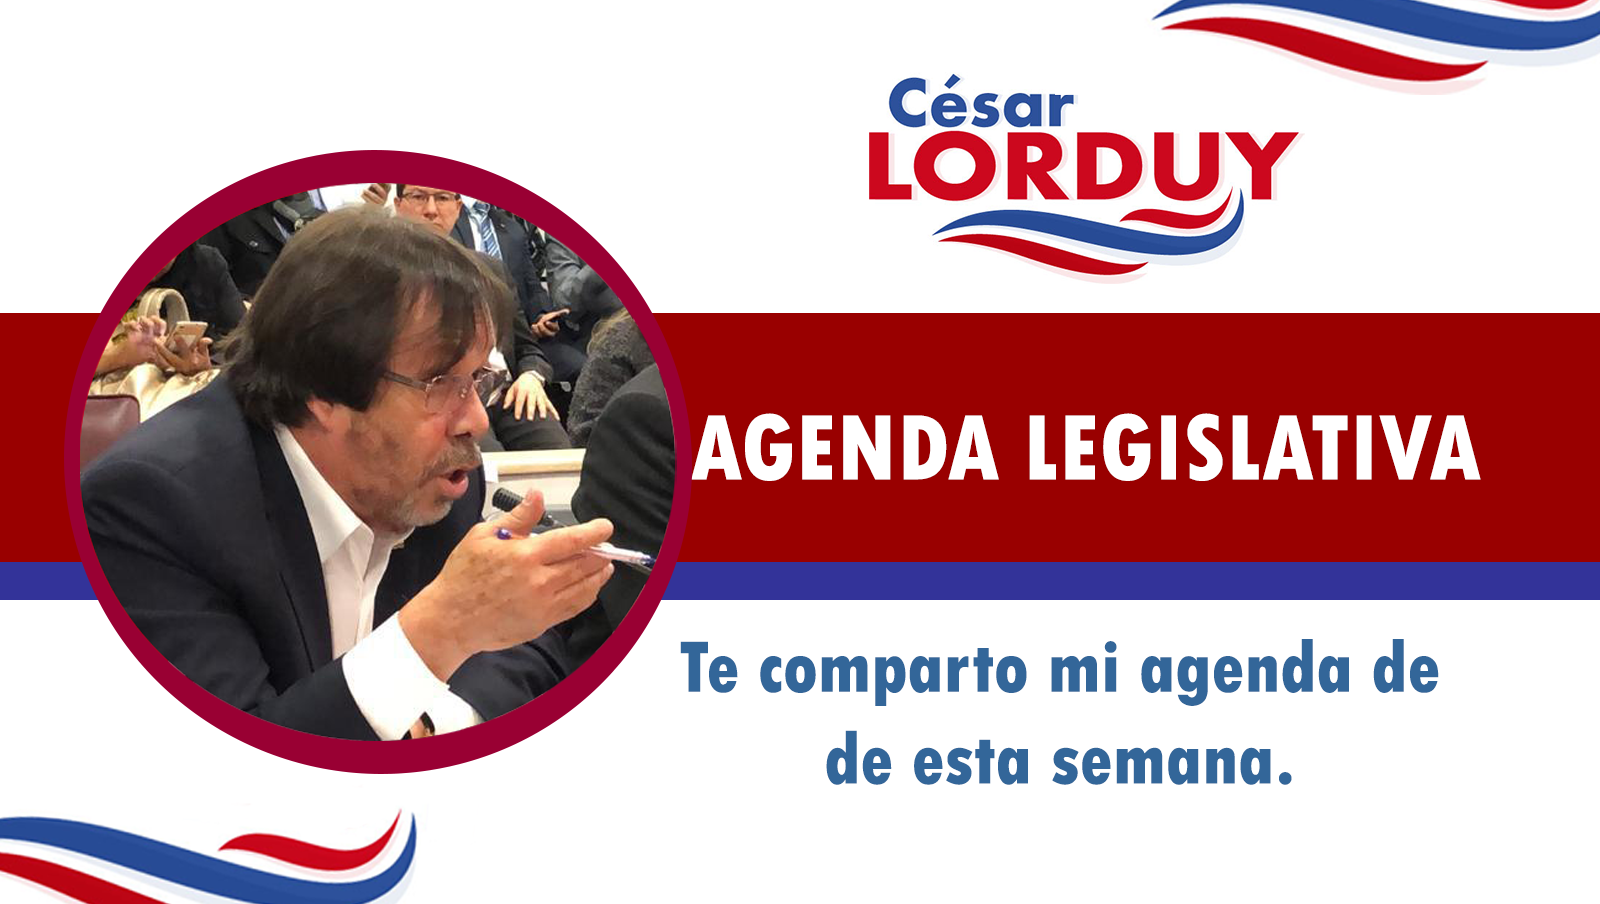 Cesar Lorduy comparte su agenda legislativa en la Cámara de Representantes del 29 de julio al 1 agosto 1